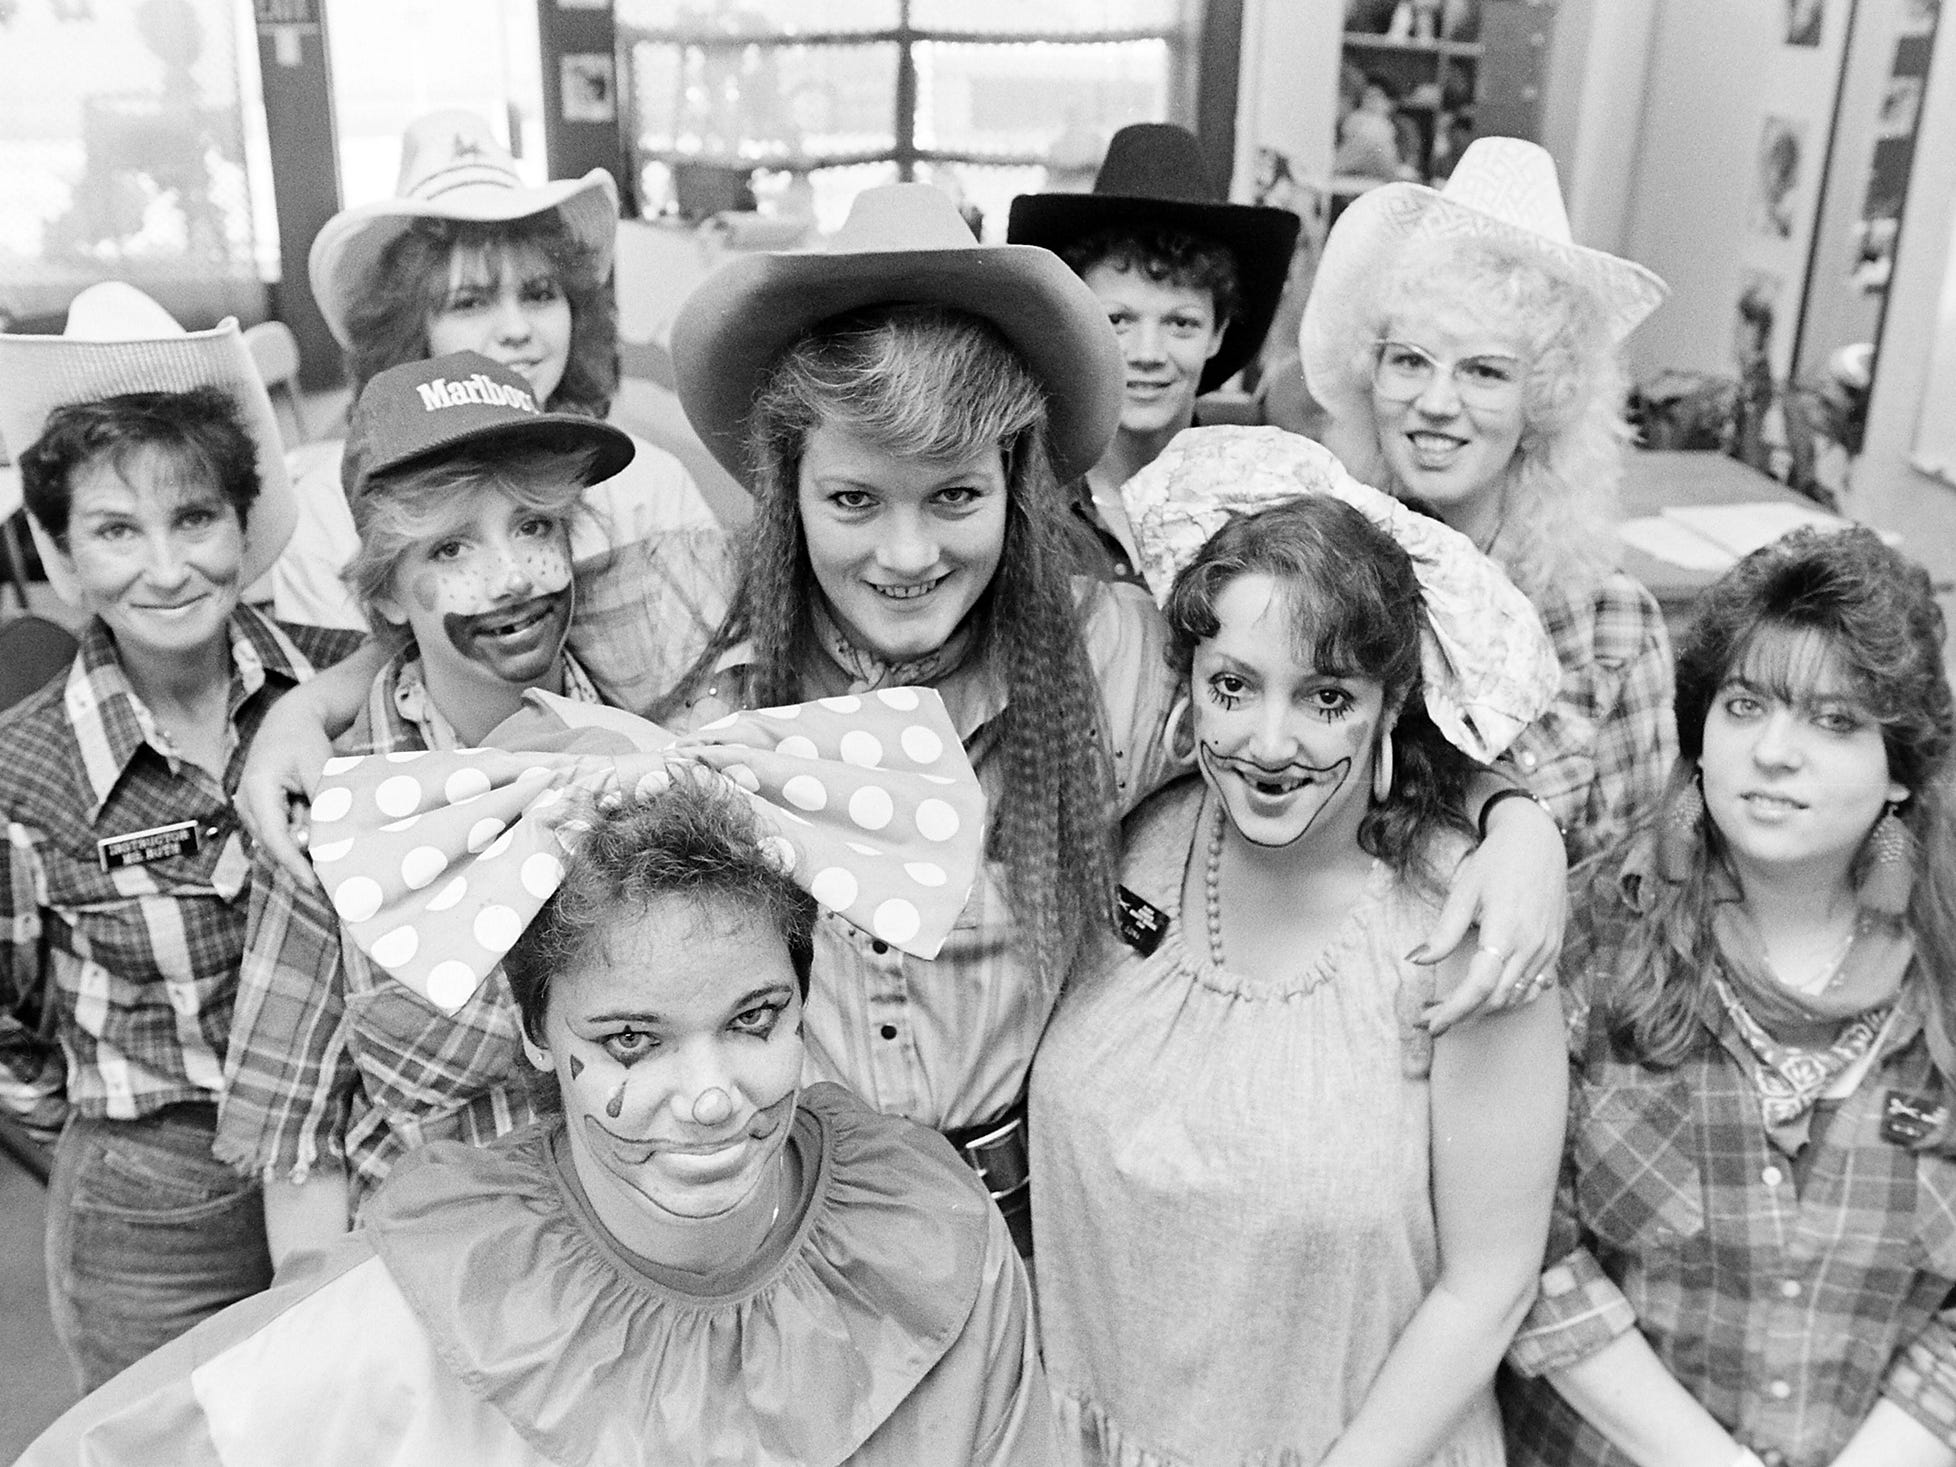 08/24/88Beauty School Dress-Up